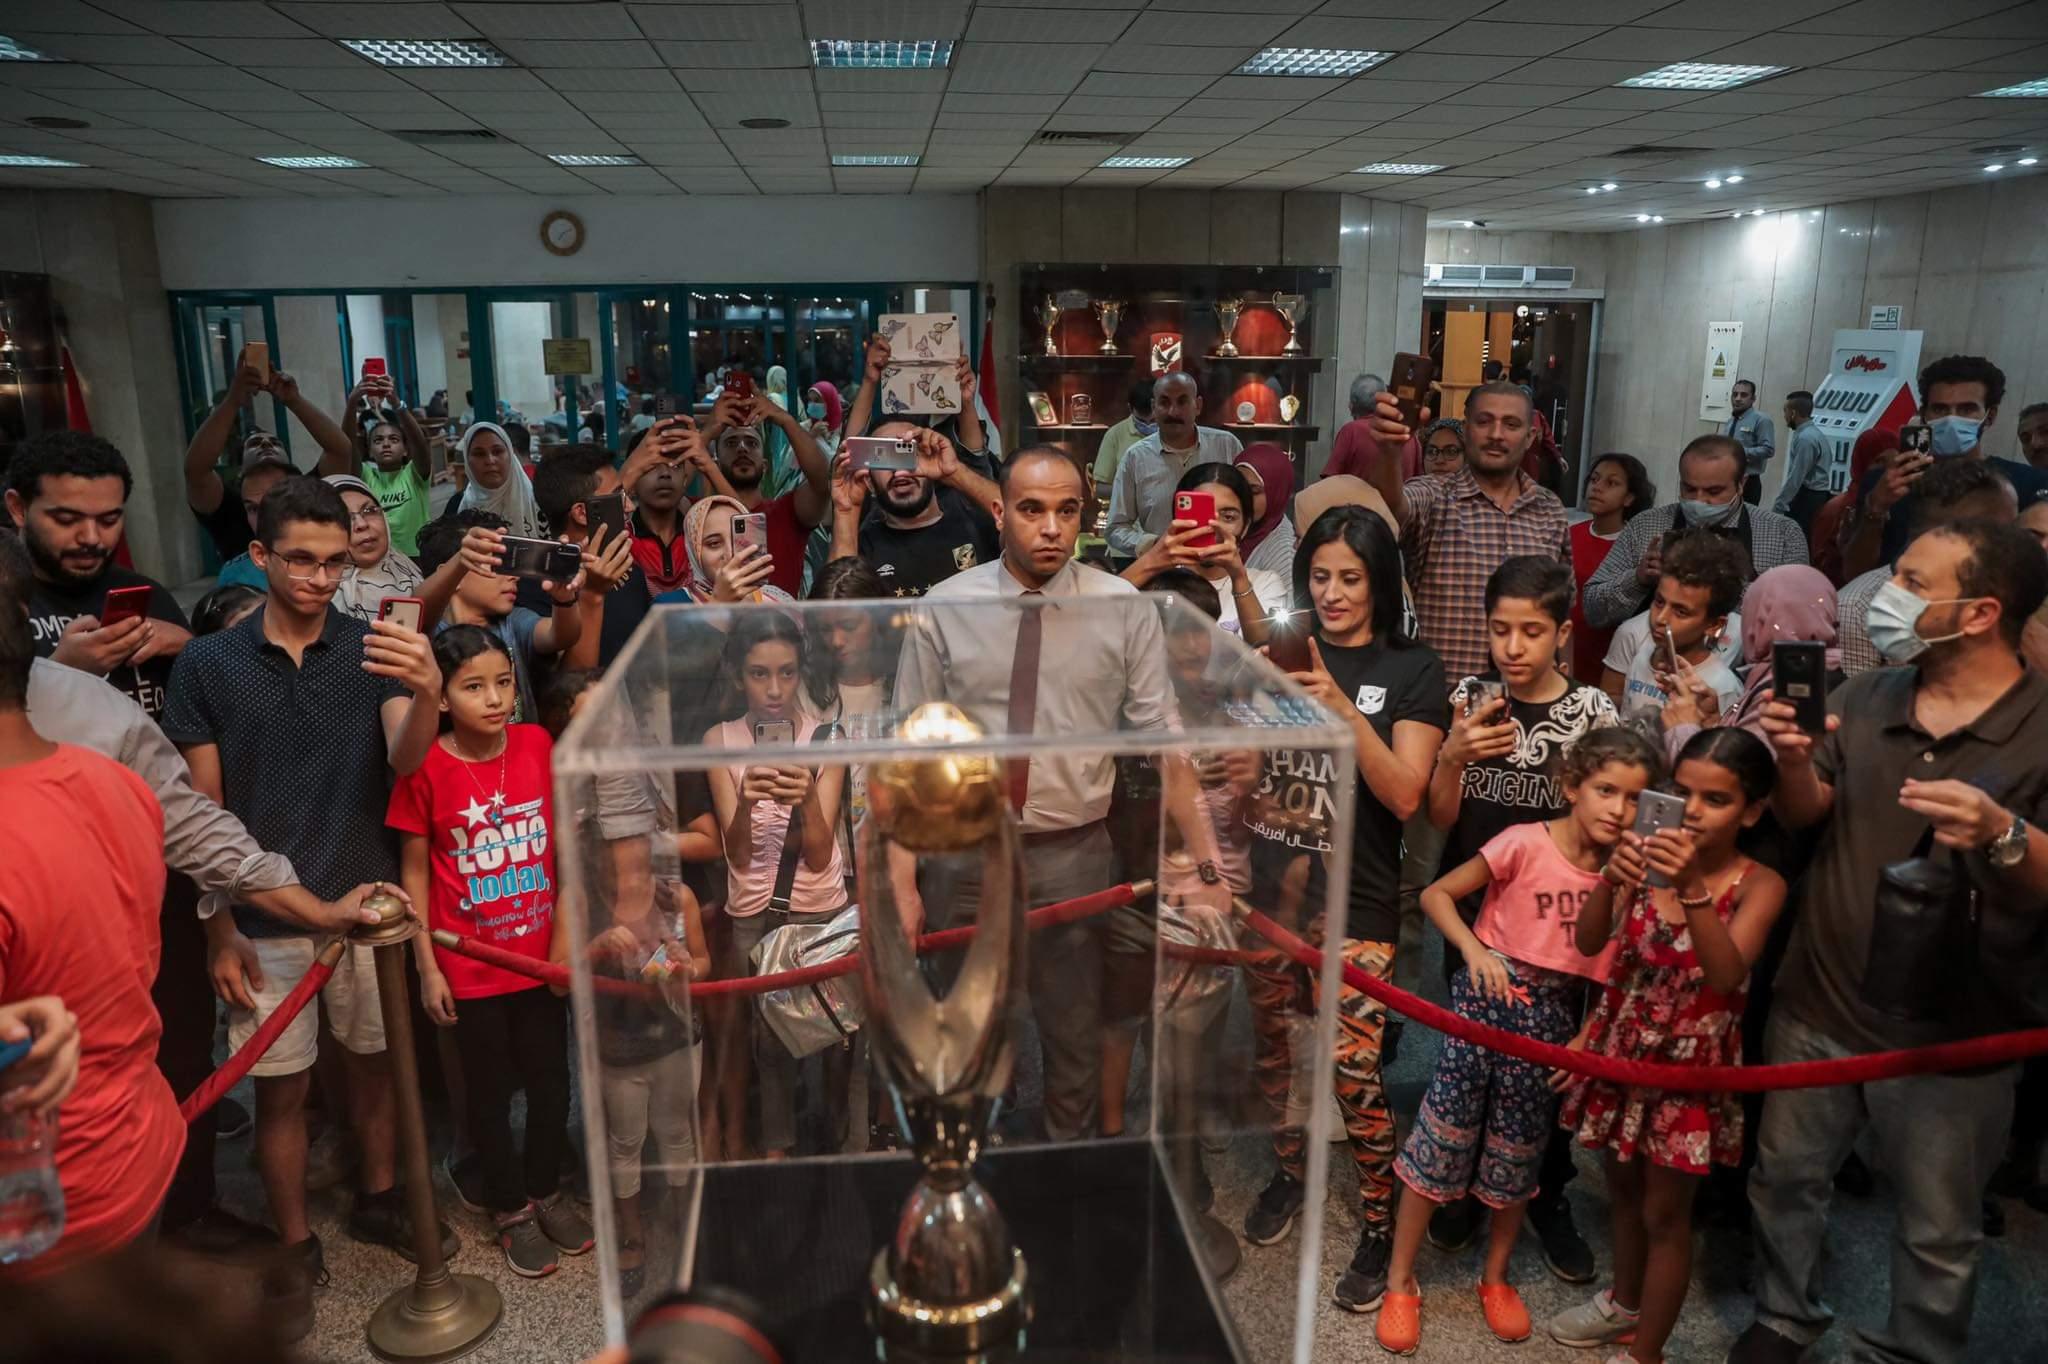 كأس إفريقيا في مدينة نصر